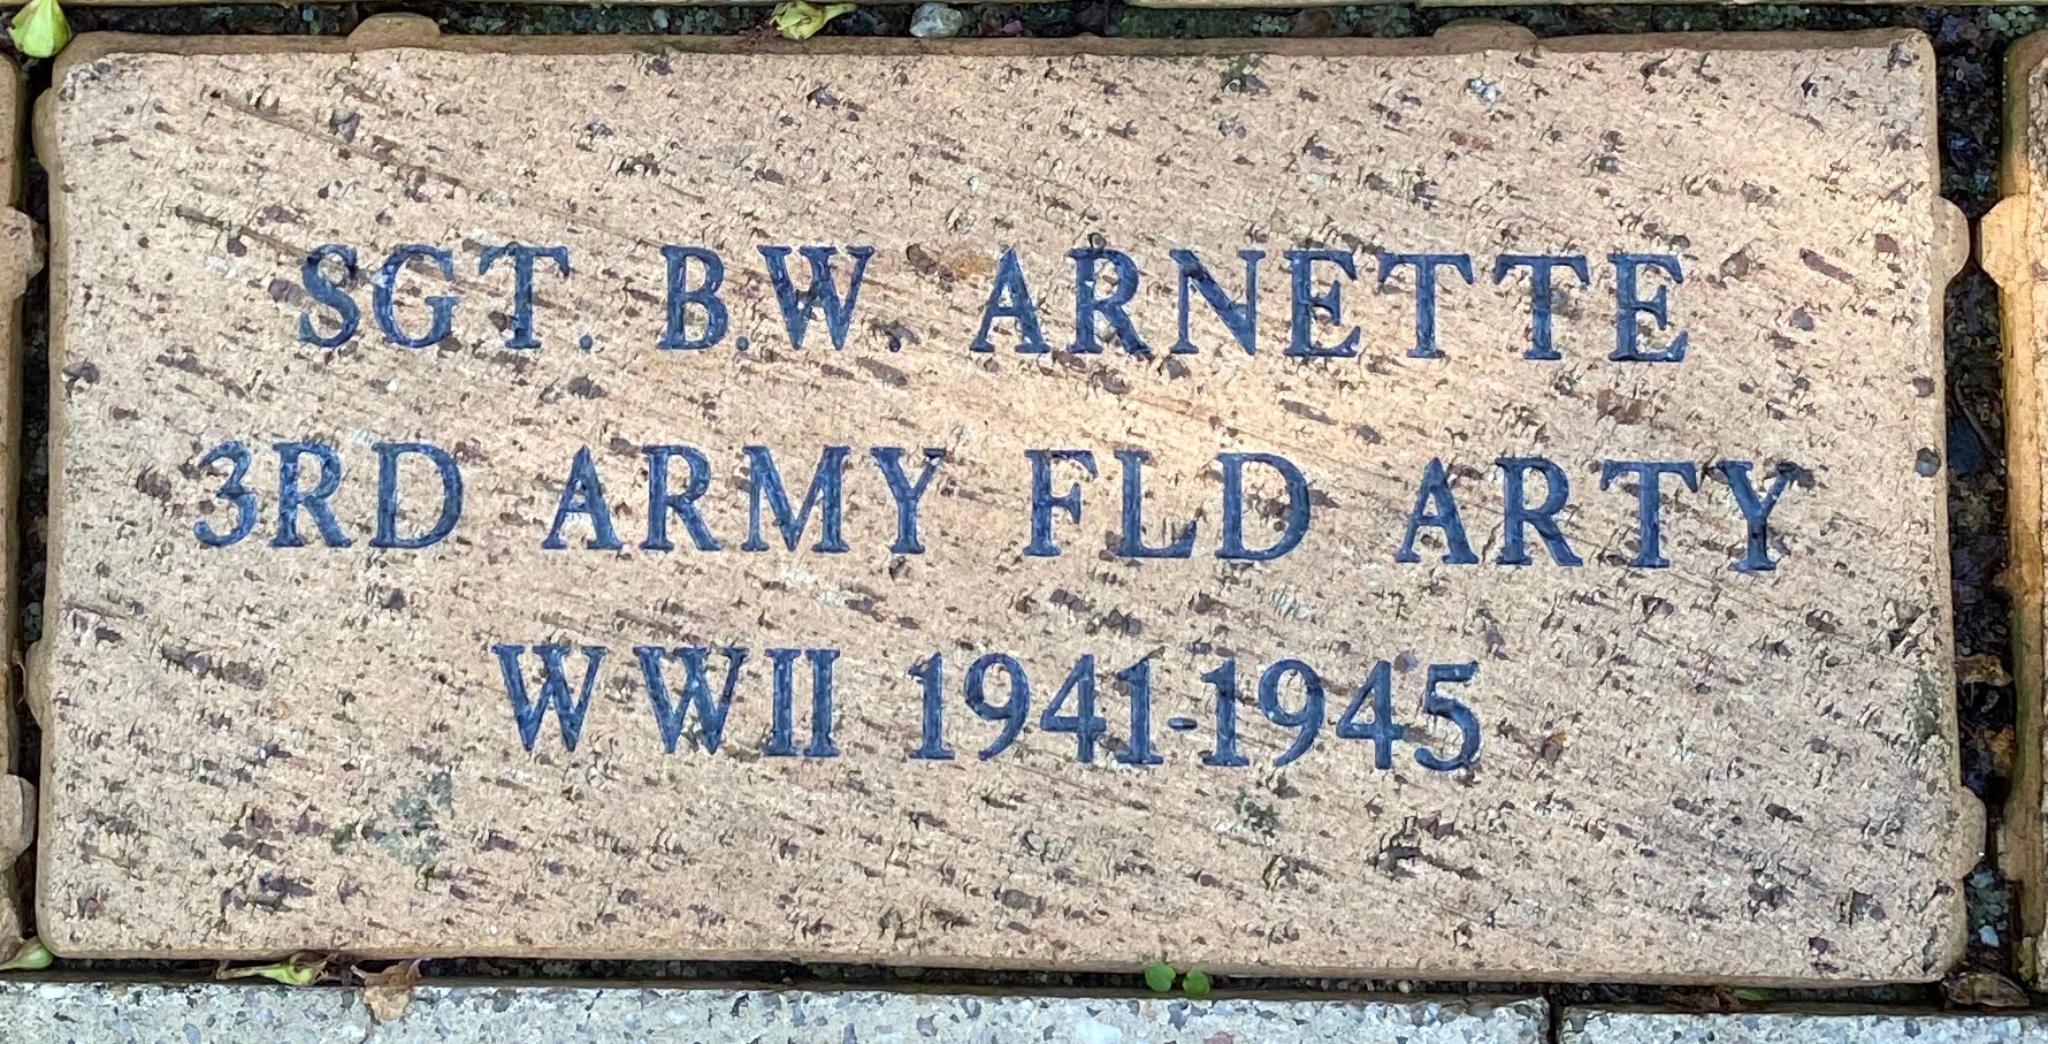 SGT B.W. ARNETTE 3RD ARMY FLD ARTY WWII 1941-1945